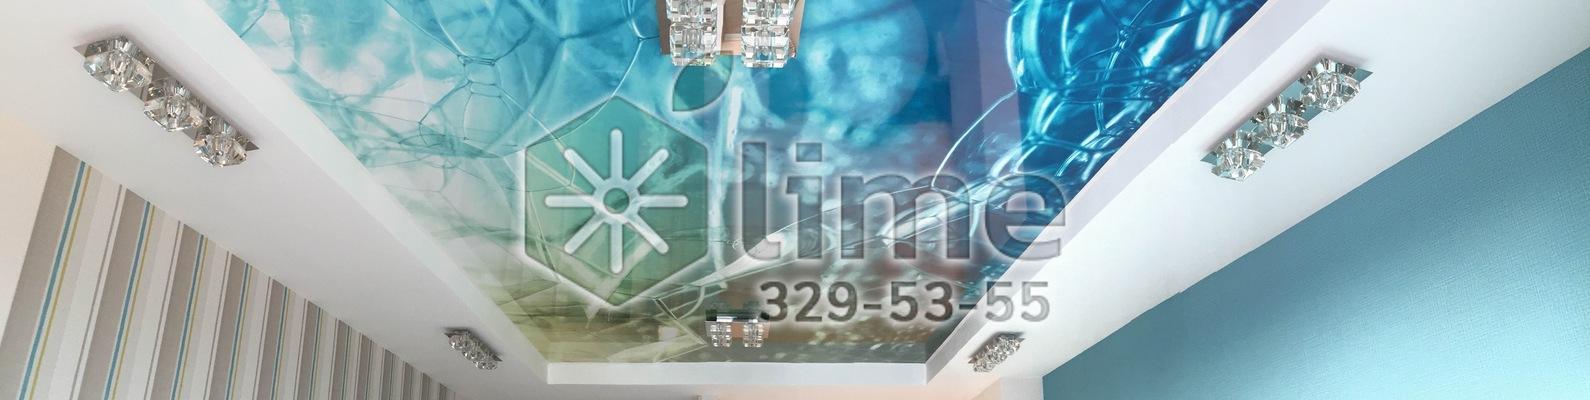 Lime Technology. Натяжные системы и освещение | ВКонтакте